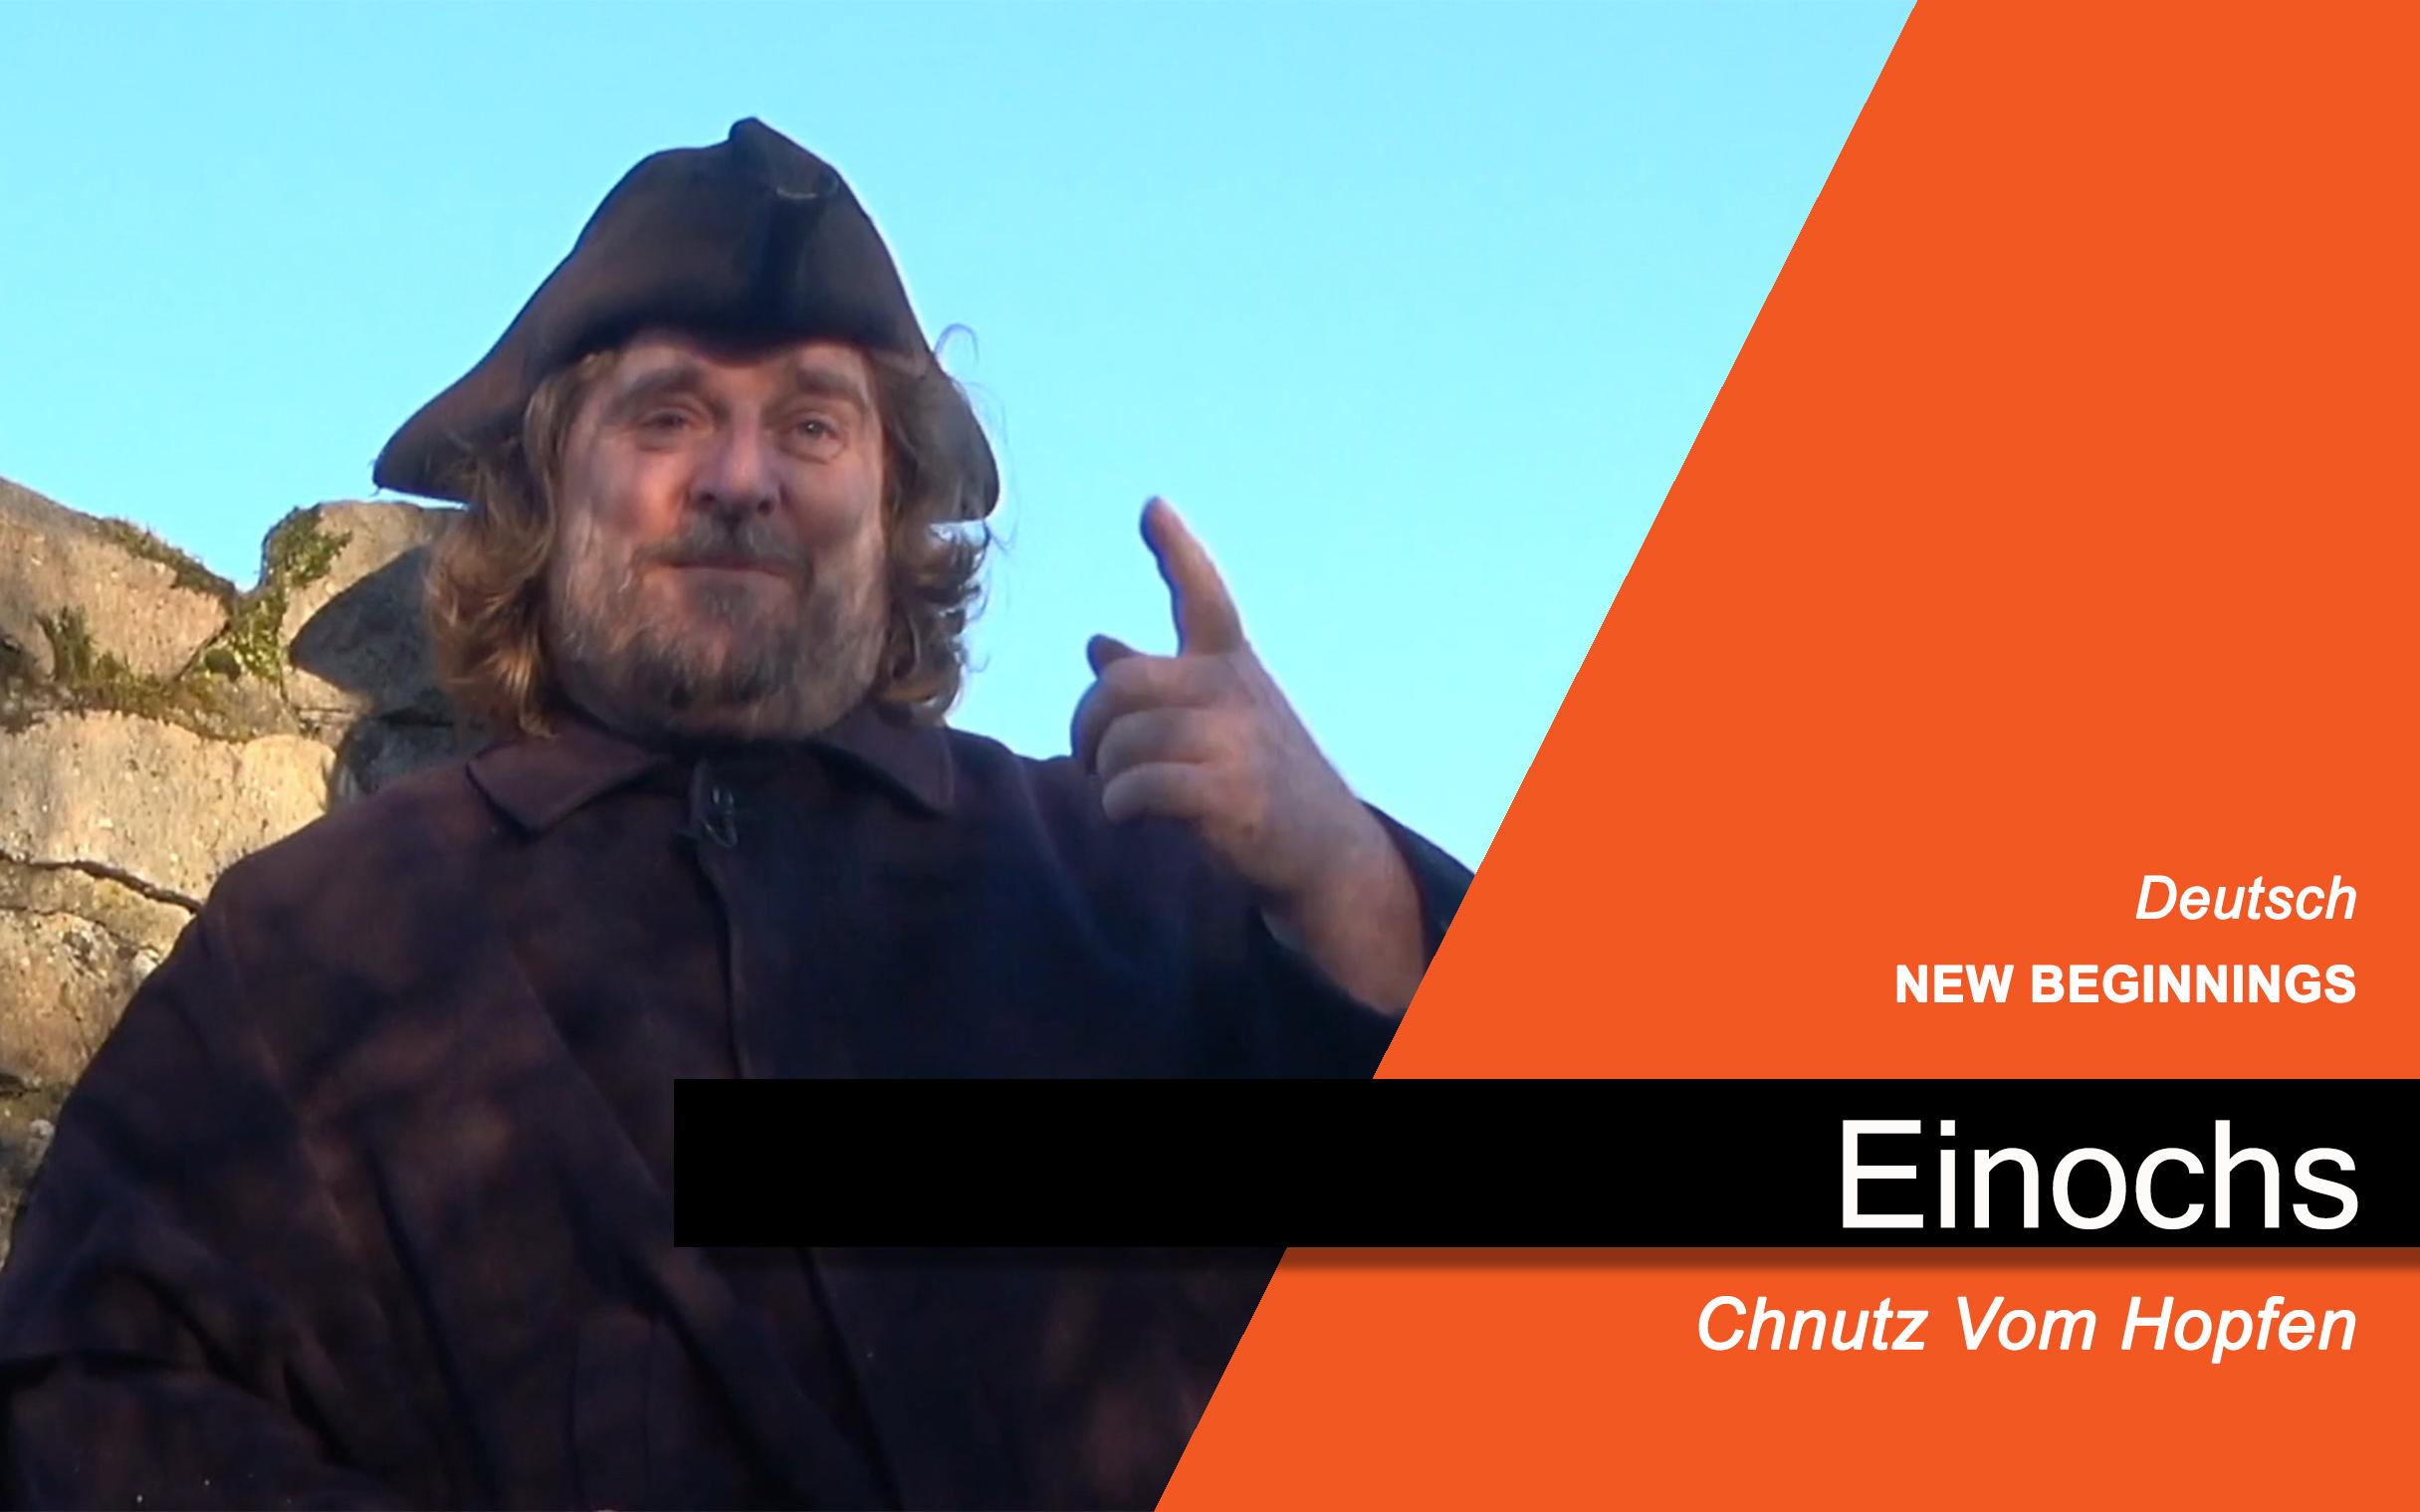 Einochs